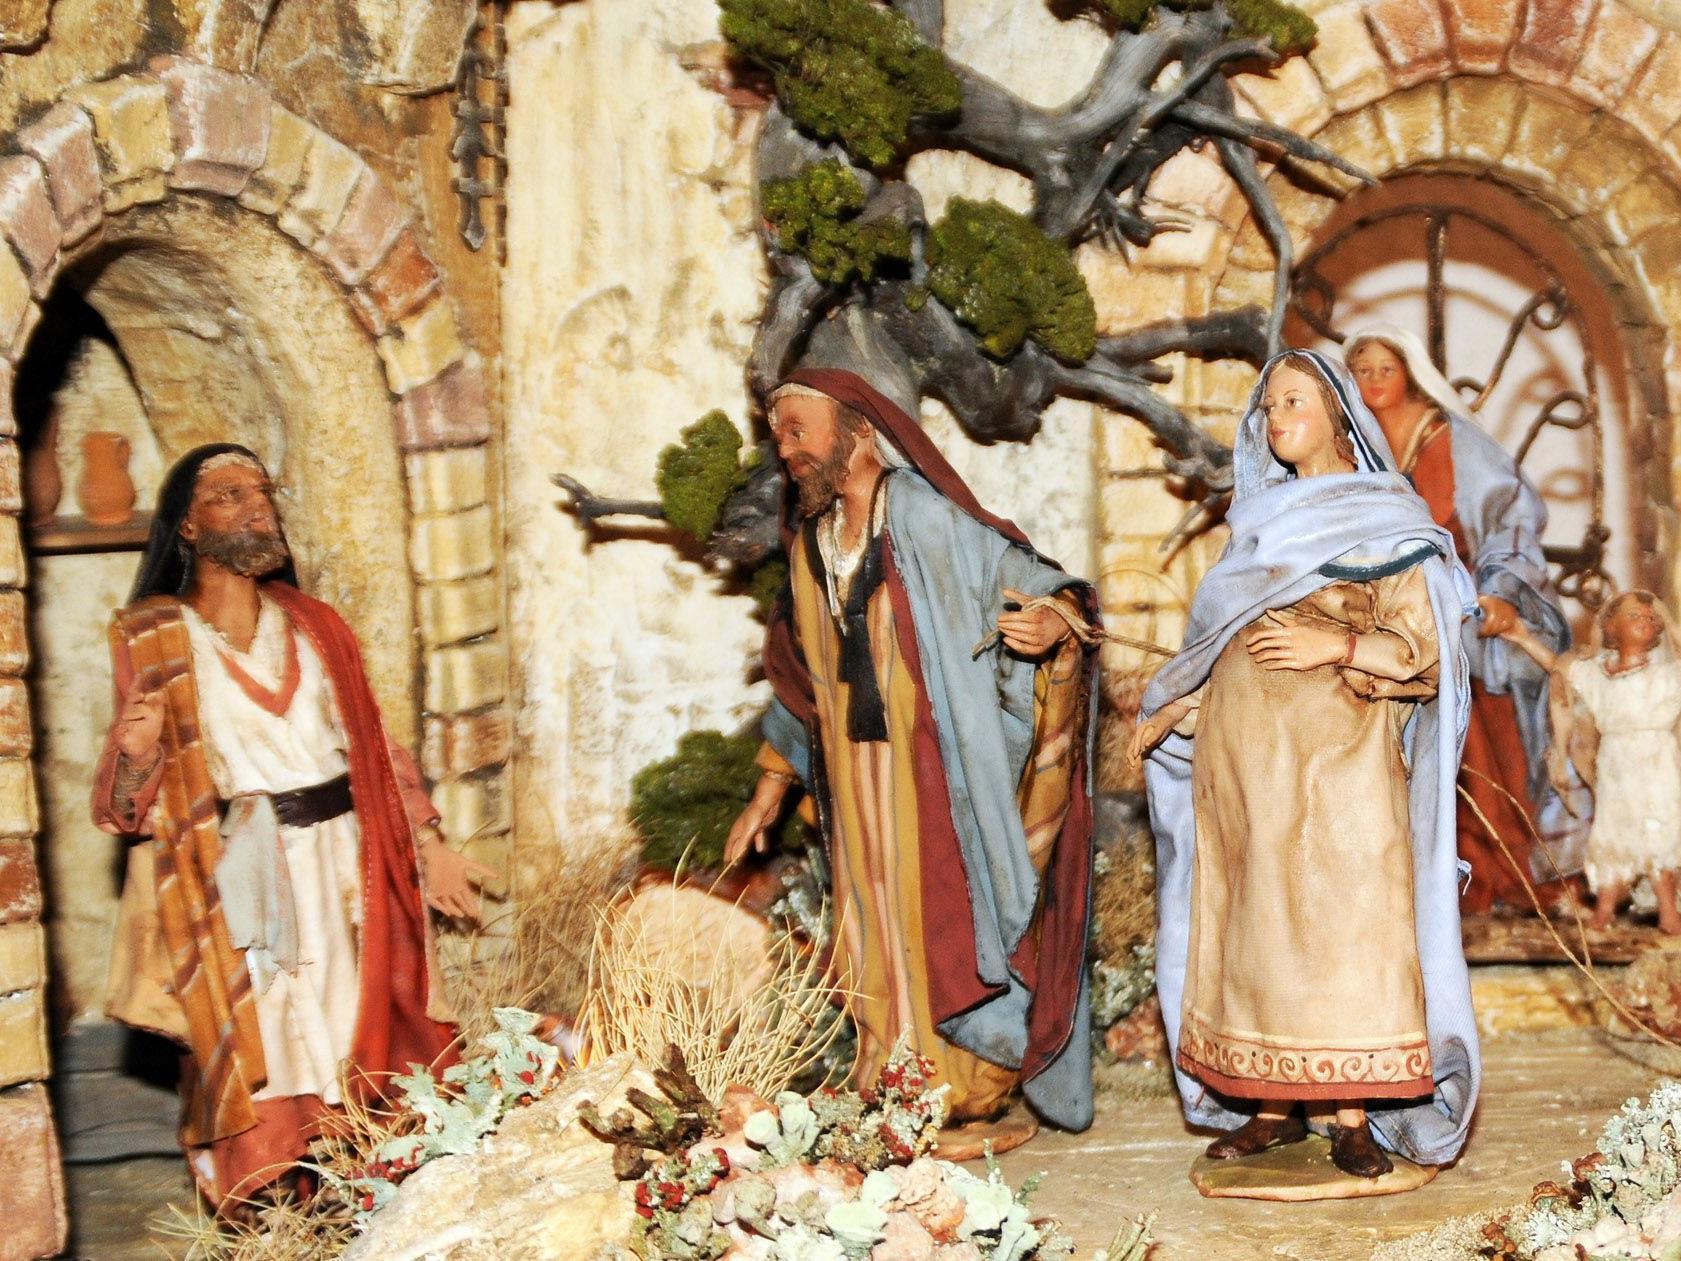 Herbergssuche – eher seltene Darstellung einer noch schwangeren Maria